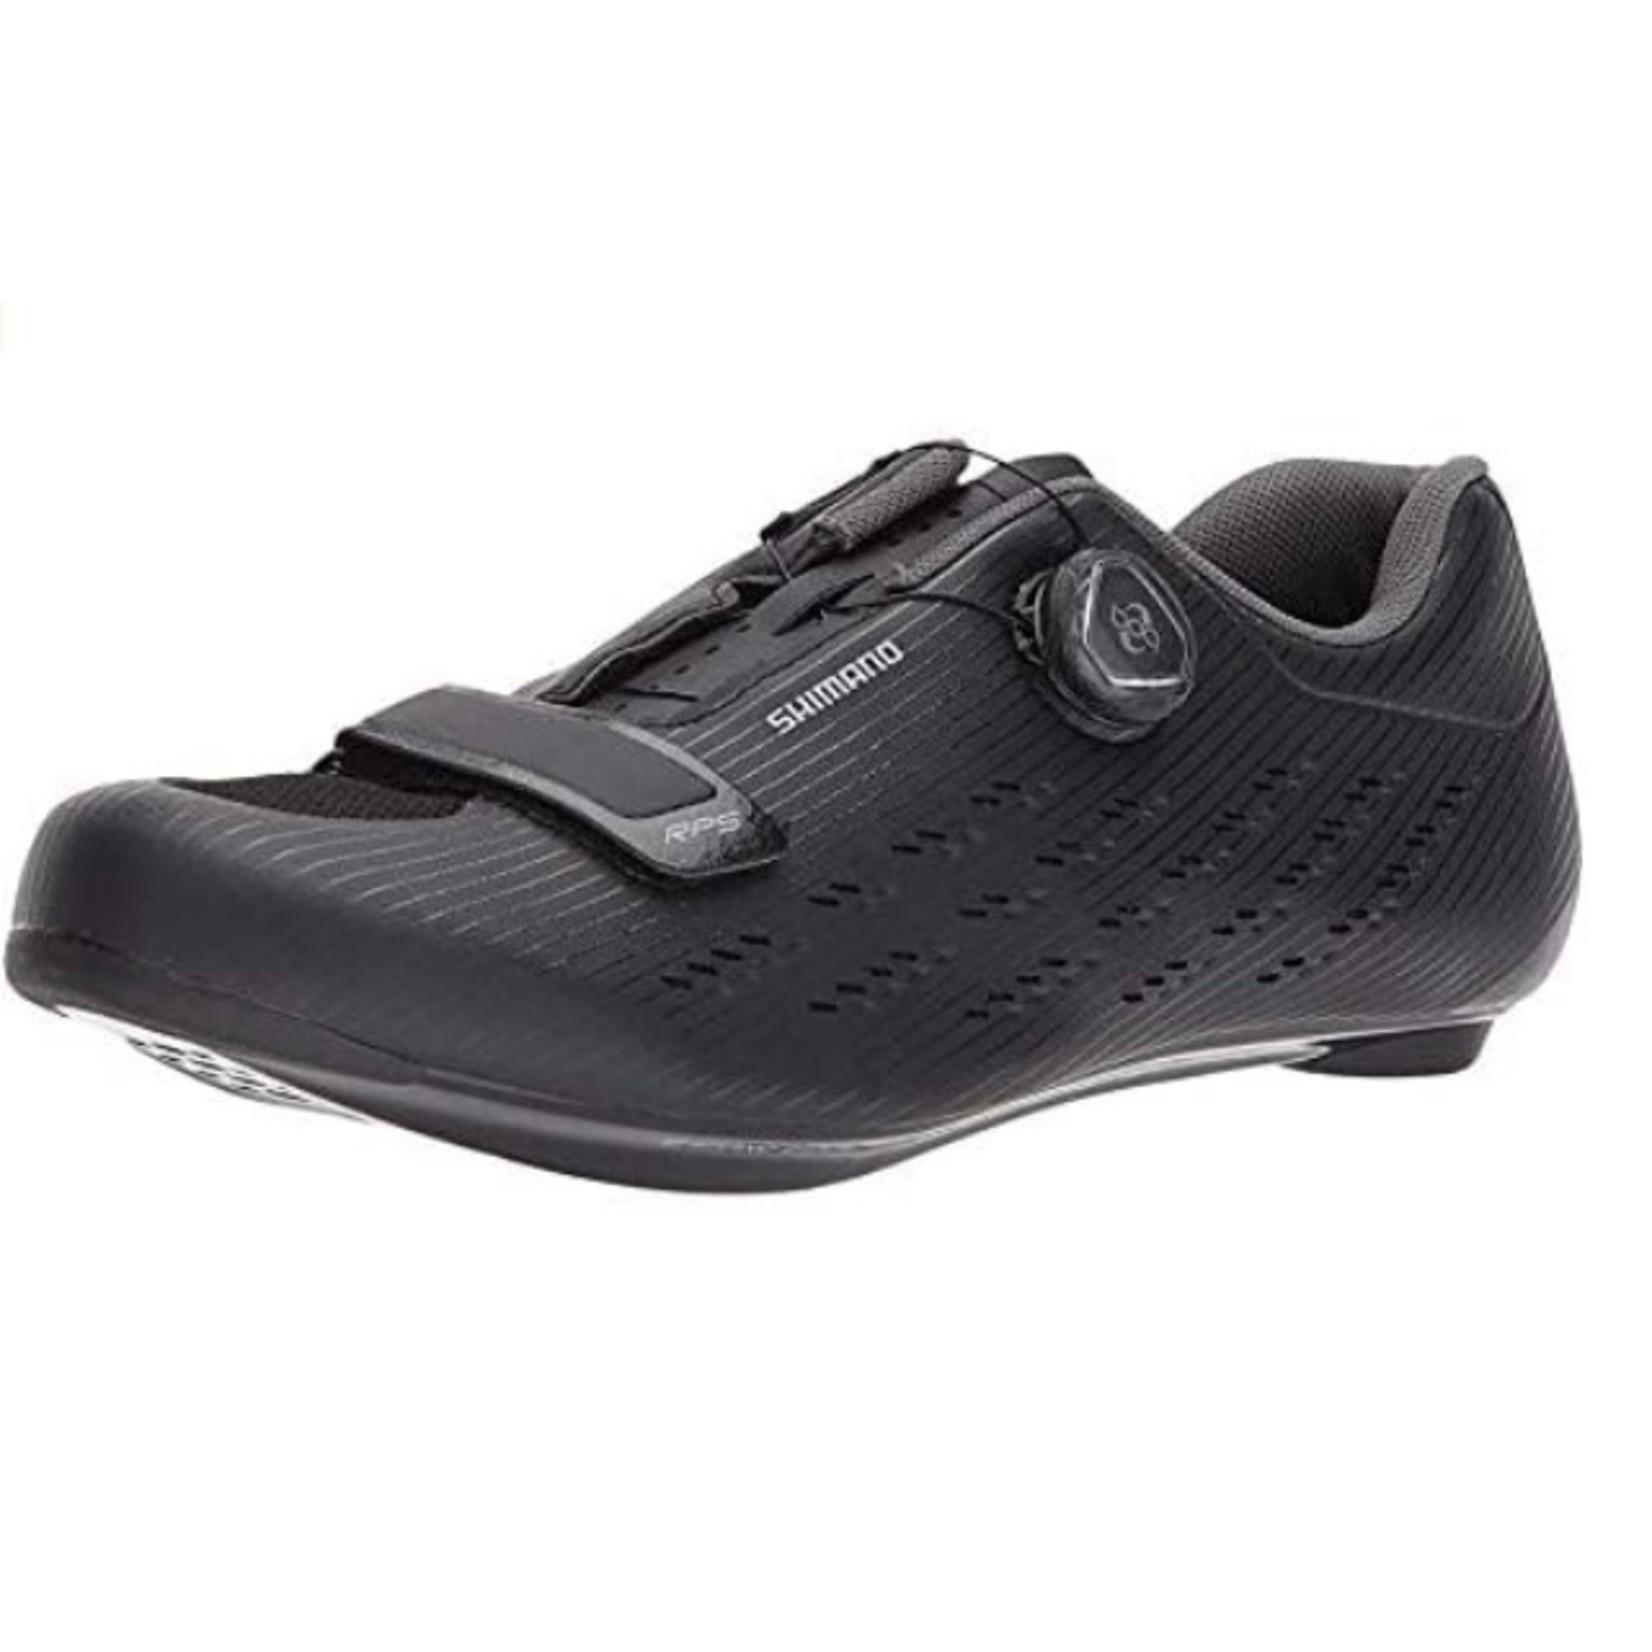 Shimano RP5 Cycling Shoe